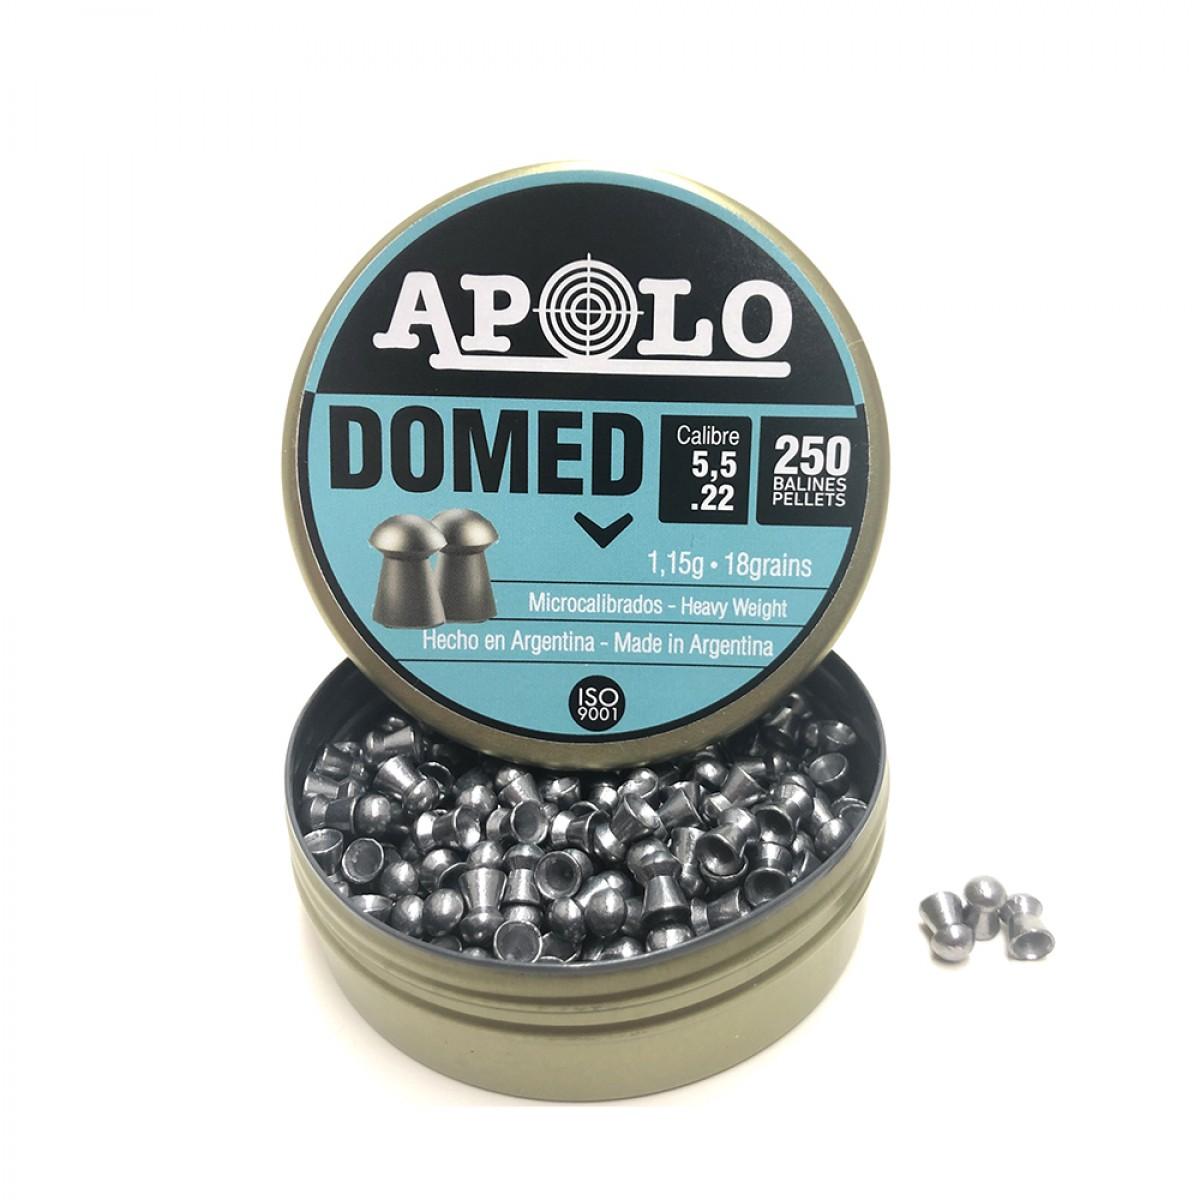 Poston Marca: APOLO Modelo: Domed 5.5 mm 18gr 250 unidades